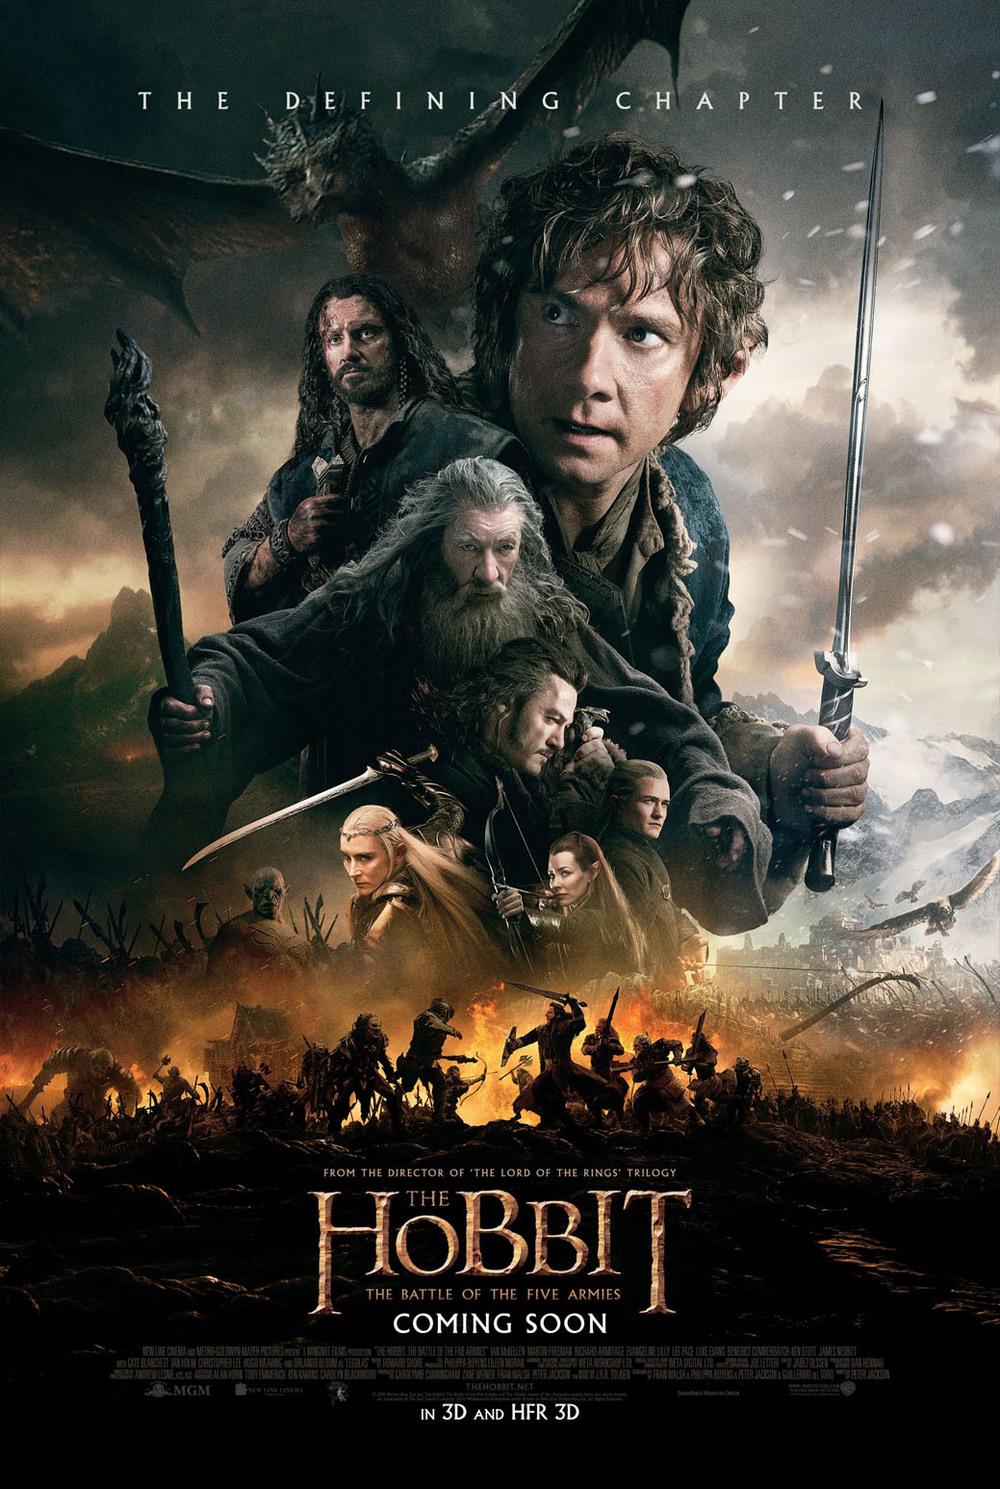 Poster_05_Hobbit_BattleOfFiveArmies.jpg